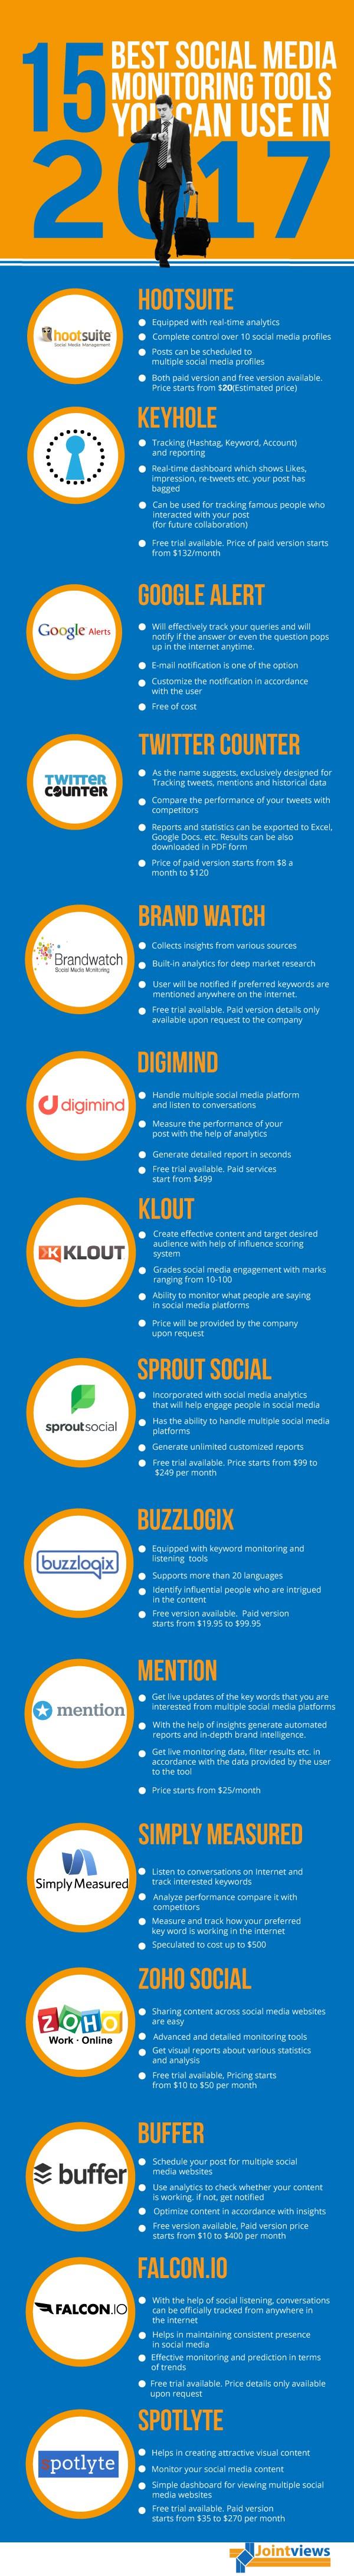 15 mejores herramientas monitorización de redes sociales #infografia #infographic #socialmedia